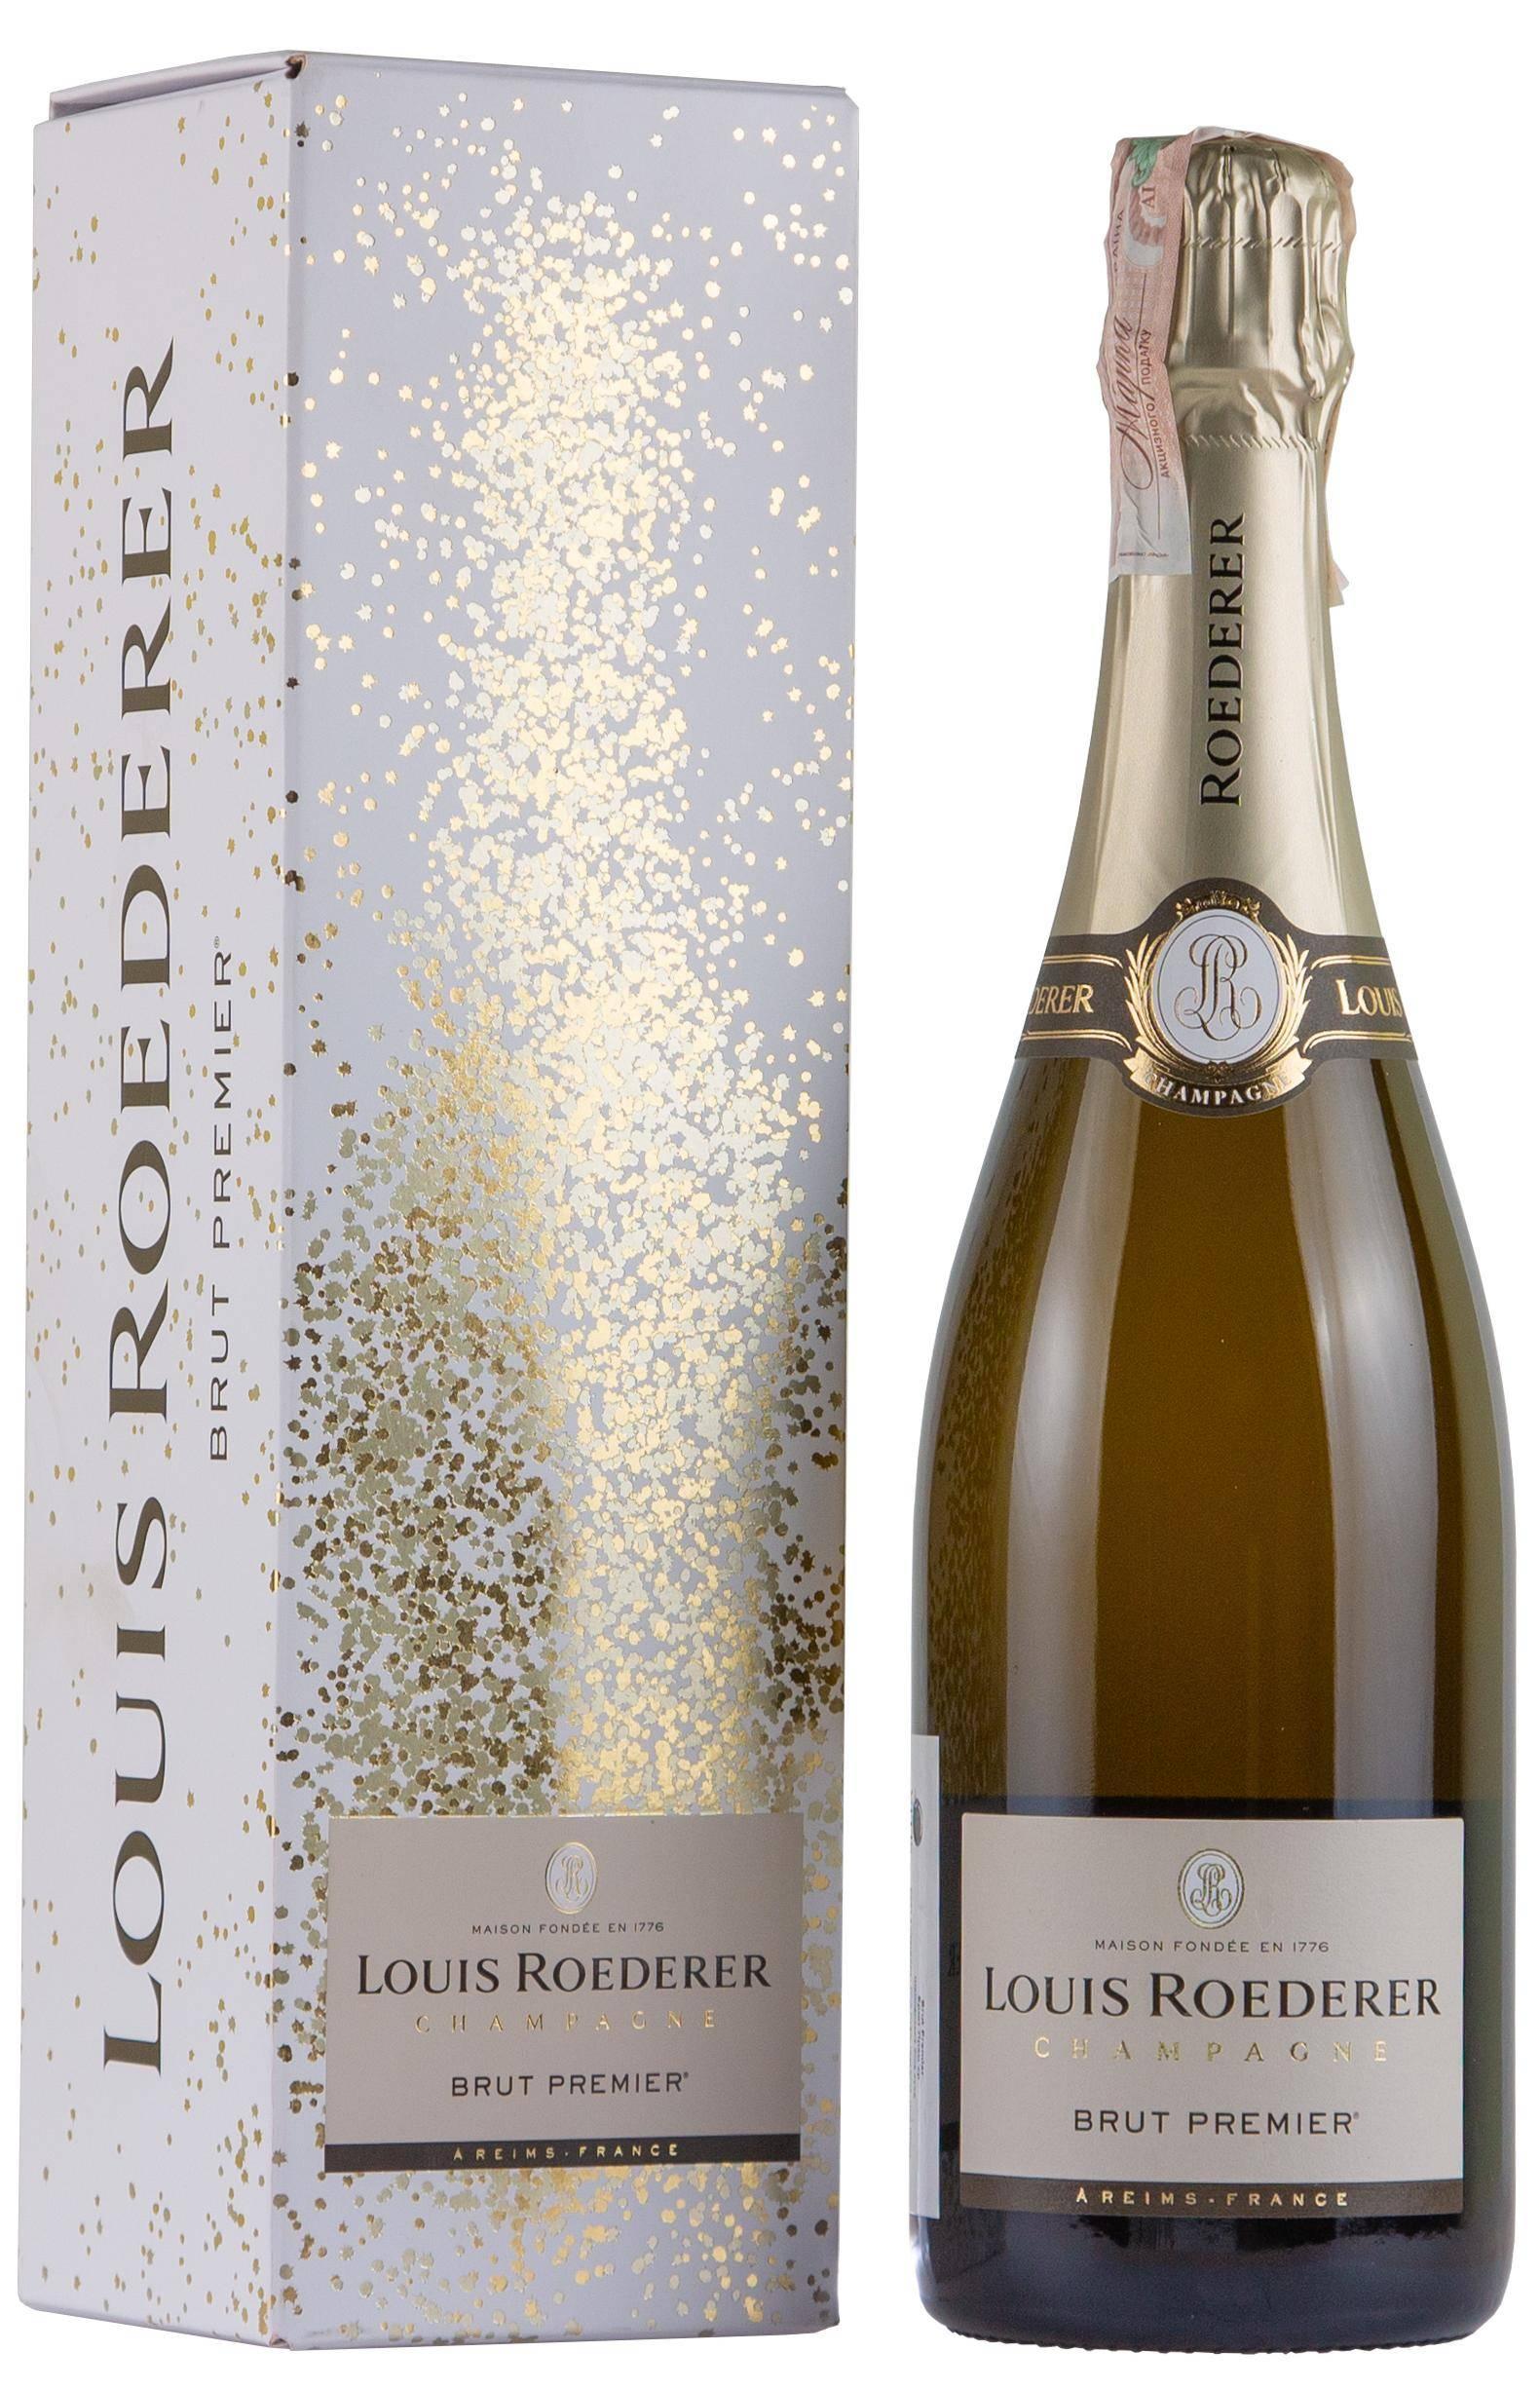 Louis roederer, шампанское: описание, состав, производитель и отзывы